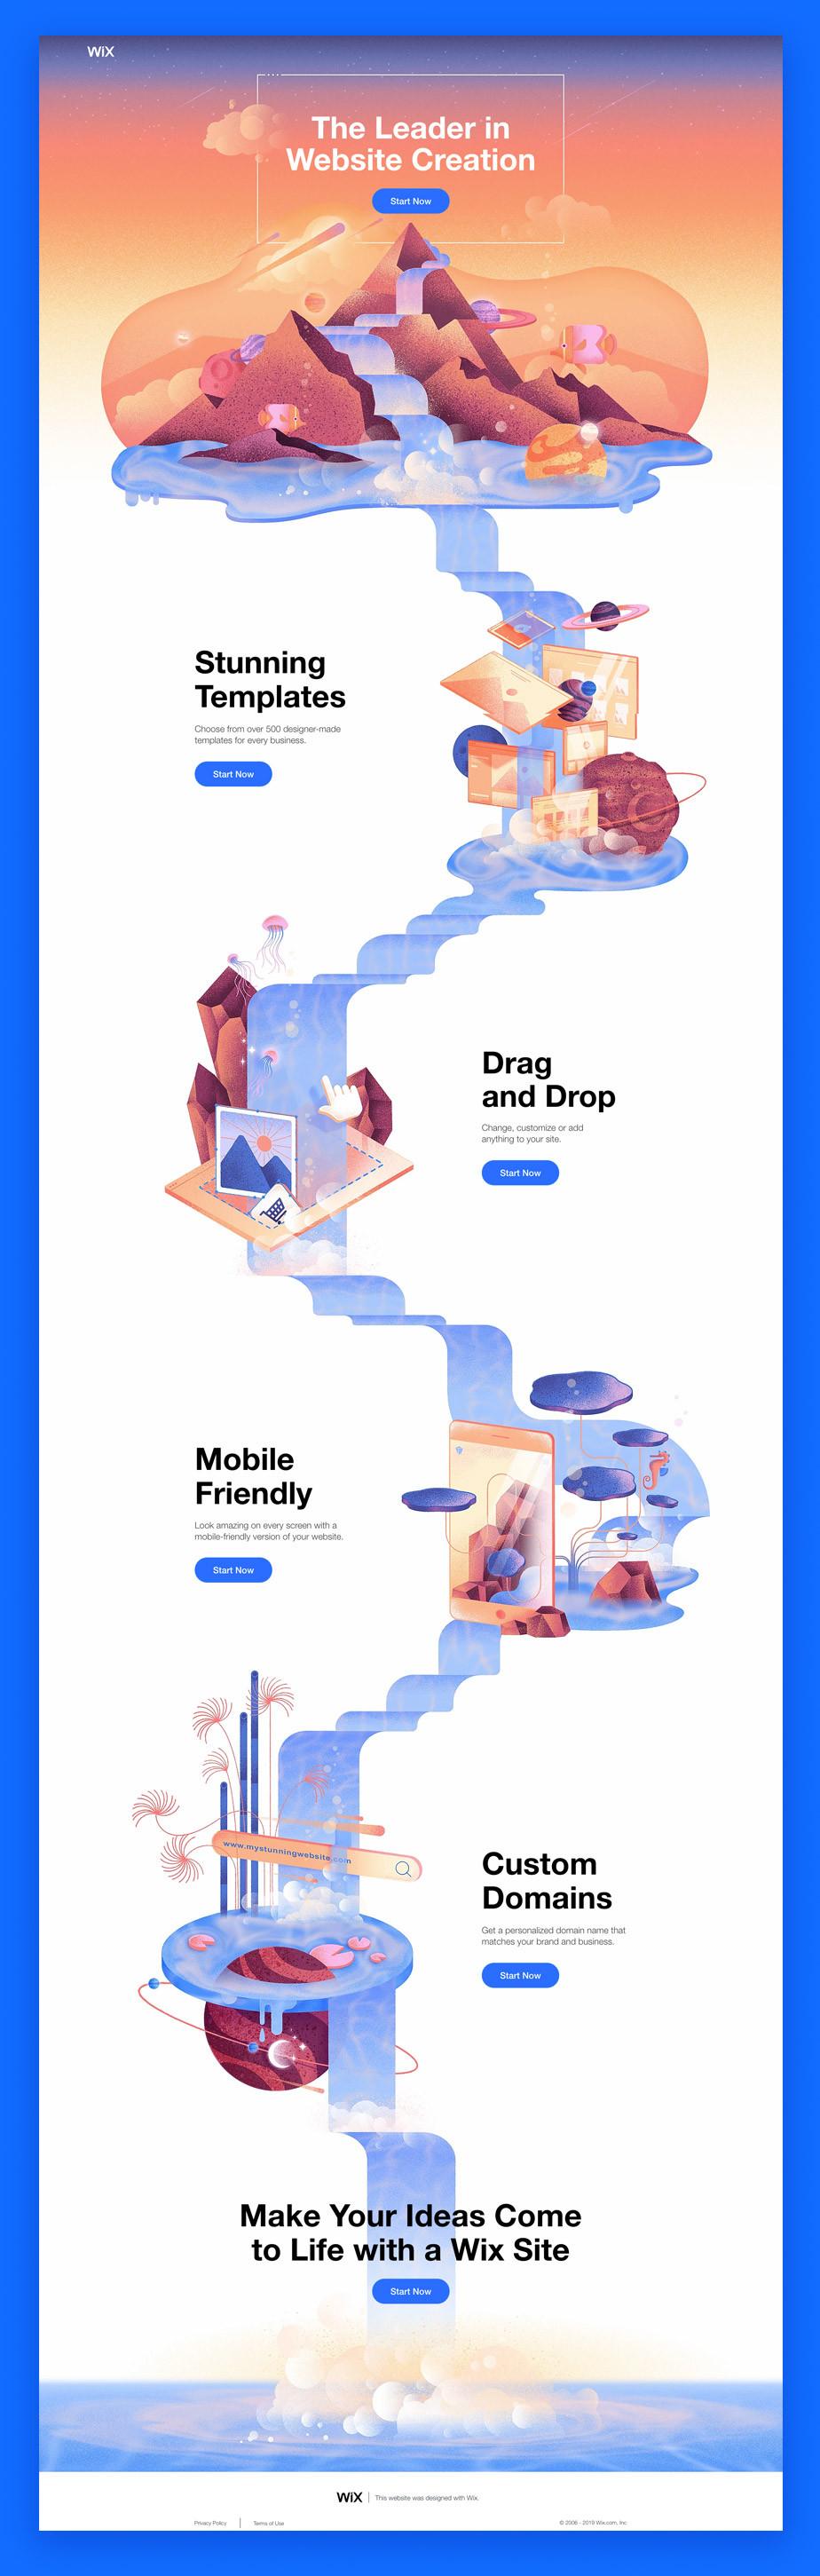 Esempio di una landing page di Wix